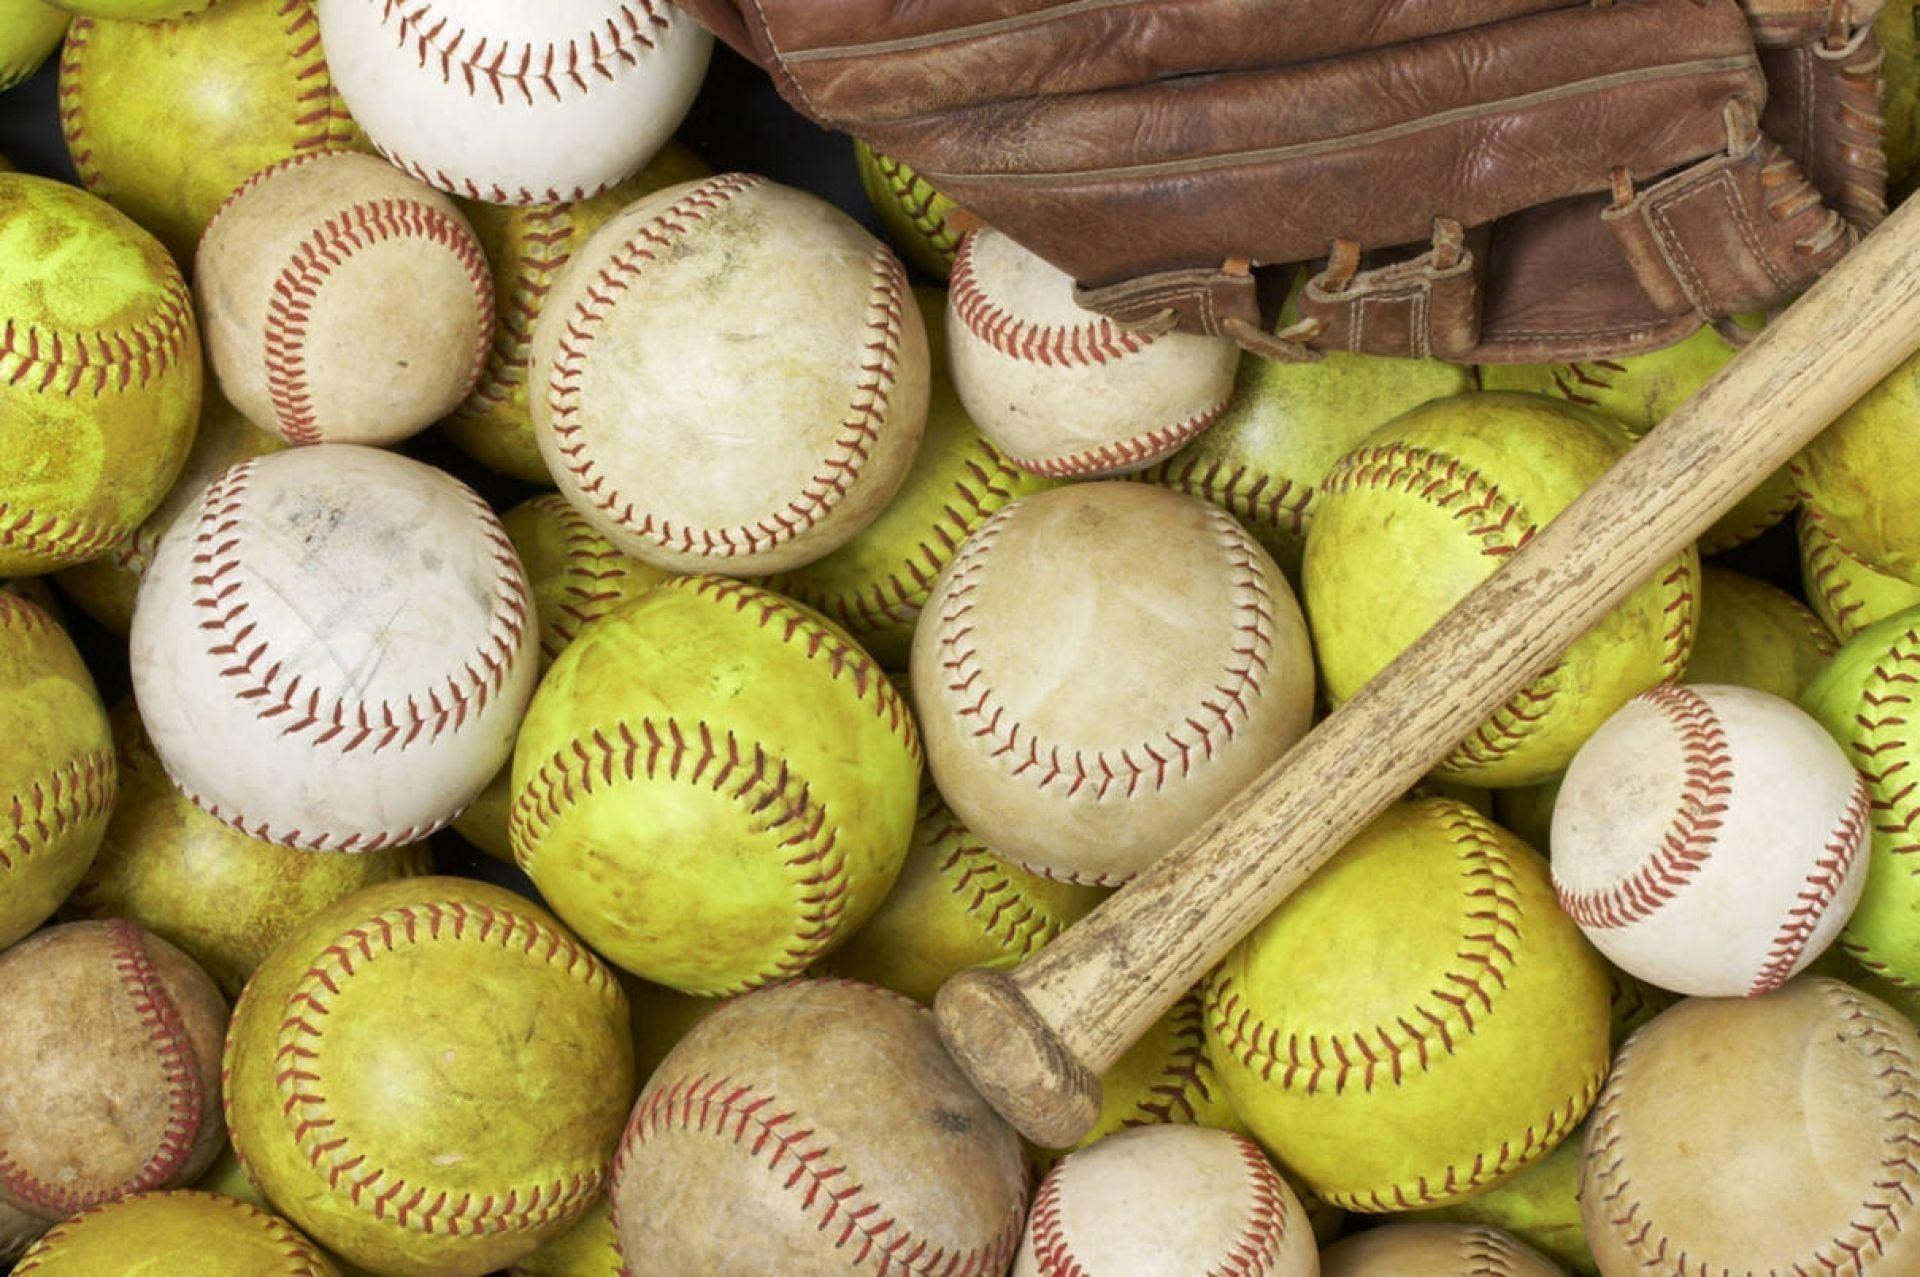 Softball Wallpapers 52 Images Softball Backgrounds Softball Baseball Wallpaper